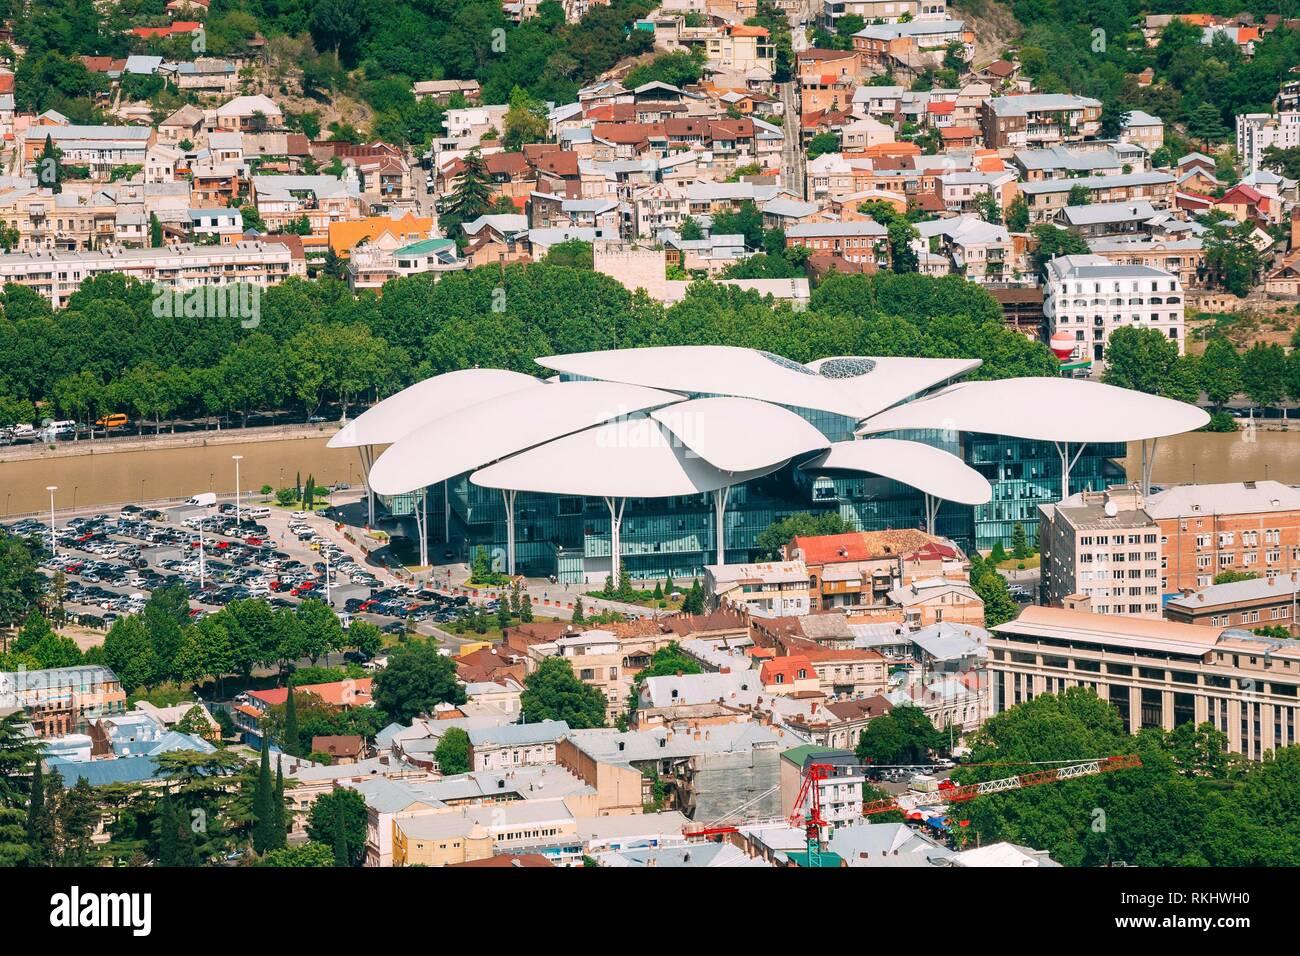 Tiflis, Georgien. Luftaufnahme des Gerichtshofs Haus, öffentliche Dienst Halle Die Fufuturistic Gebäude mit weißer Bizarre Dach bei der Bank des Kura, Stockbild